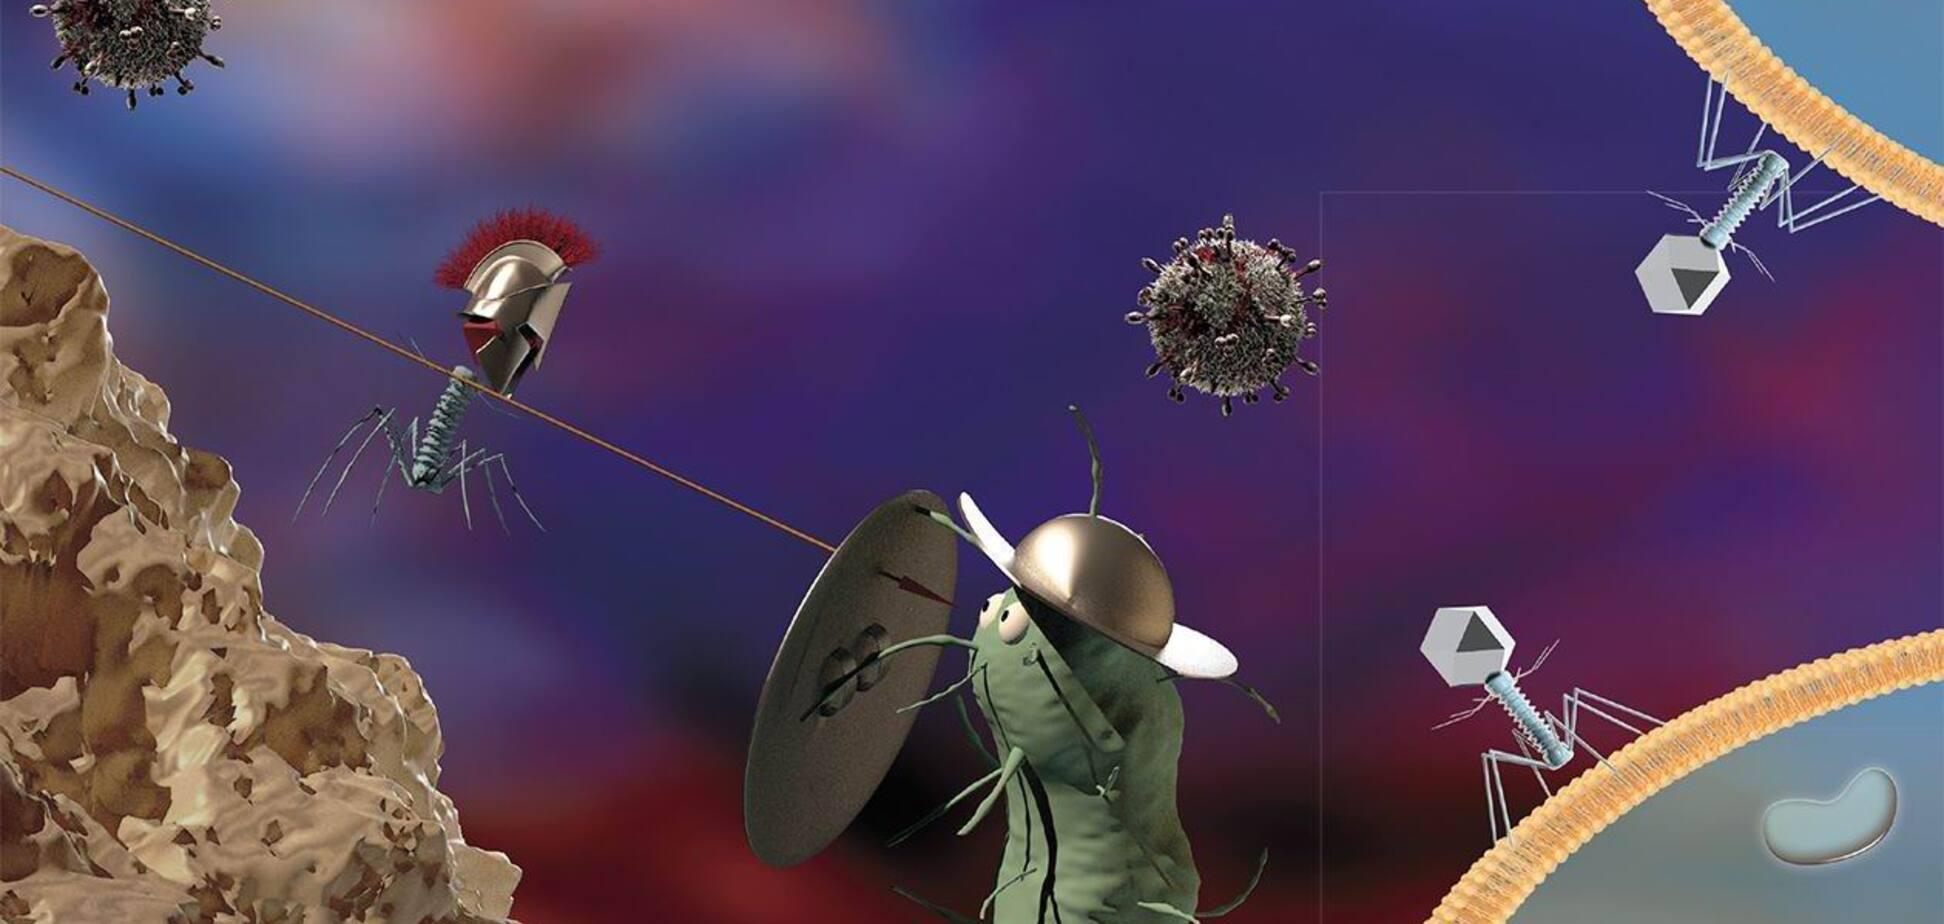 Таємне життя вірусів - як уникнути зараження?